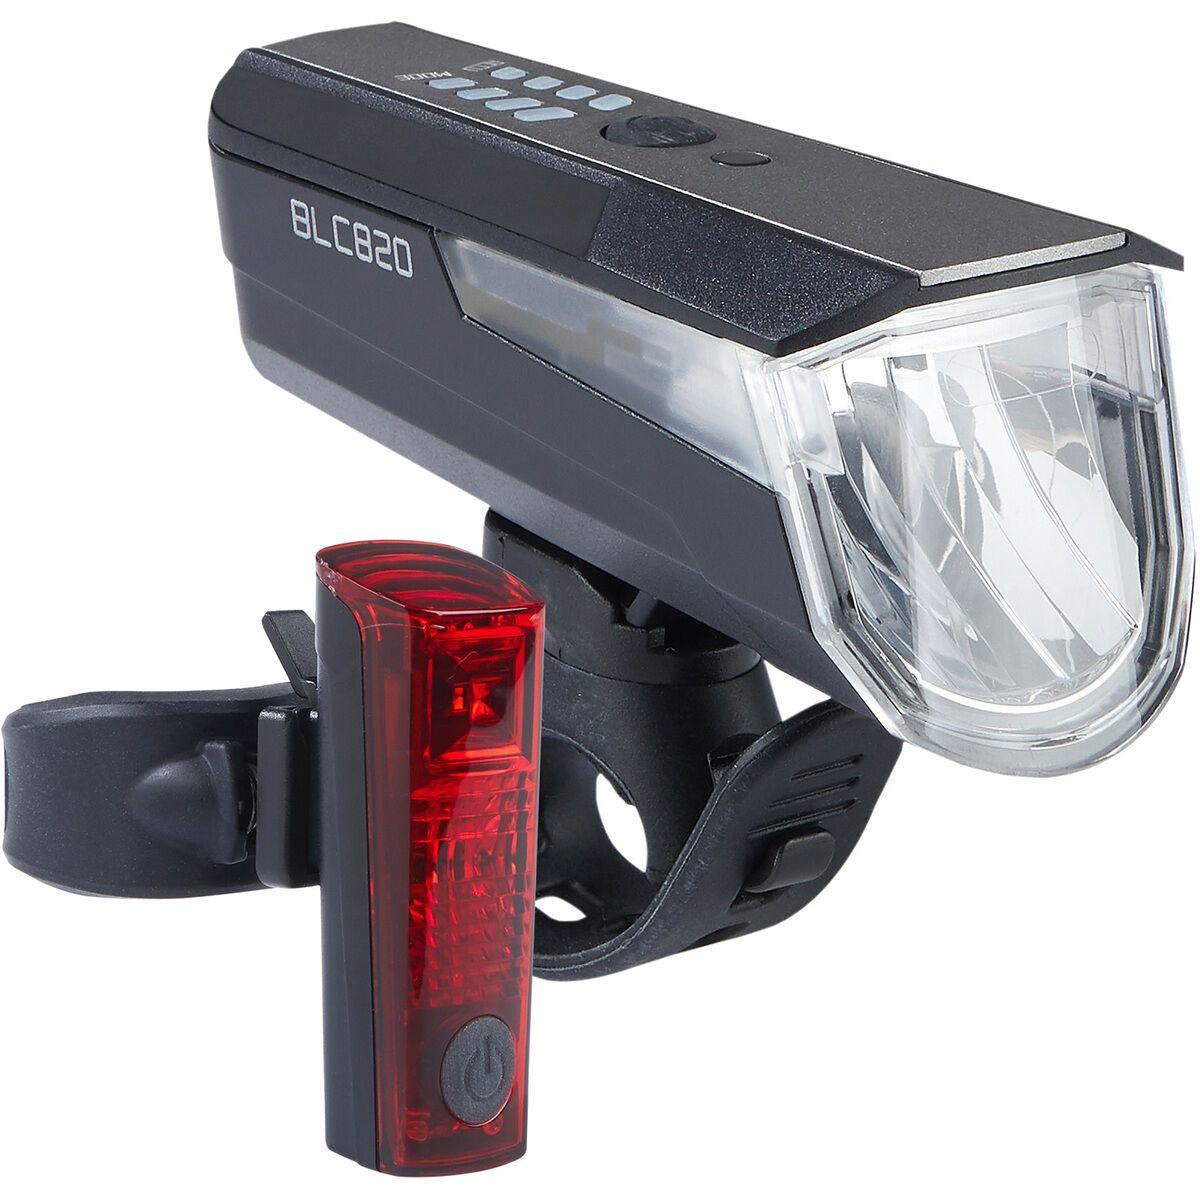 """BÜCHEL Beleuchtungs Set """"LED Akkuleuchtenset BLC 820 + Duo LED"""", 3 Beleuchtungsstufen, inkl. Fahrradhalterung"""